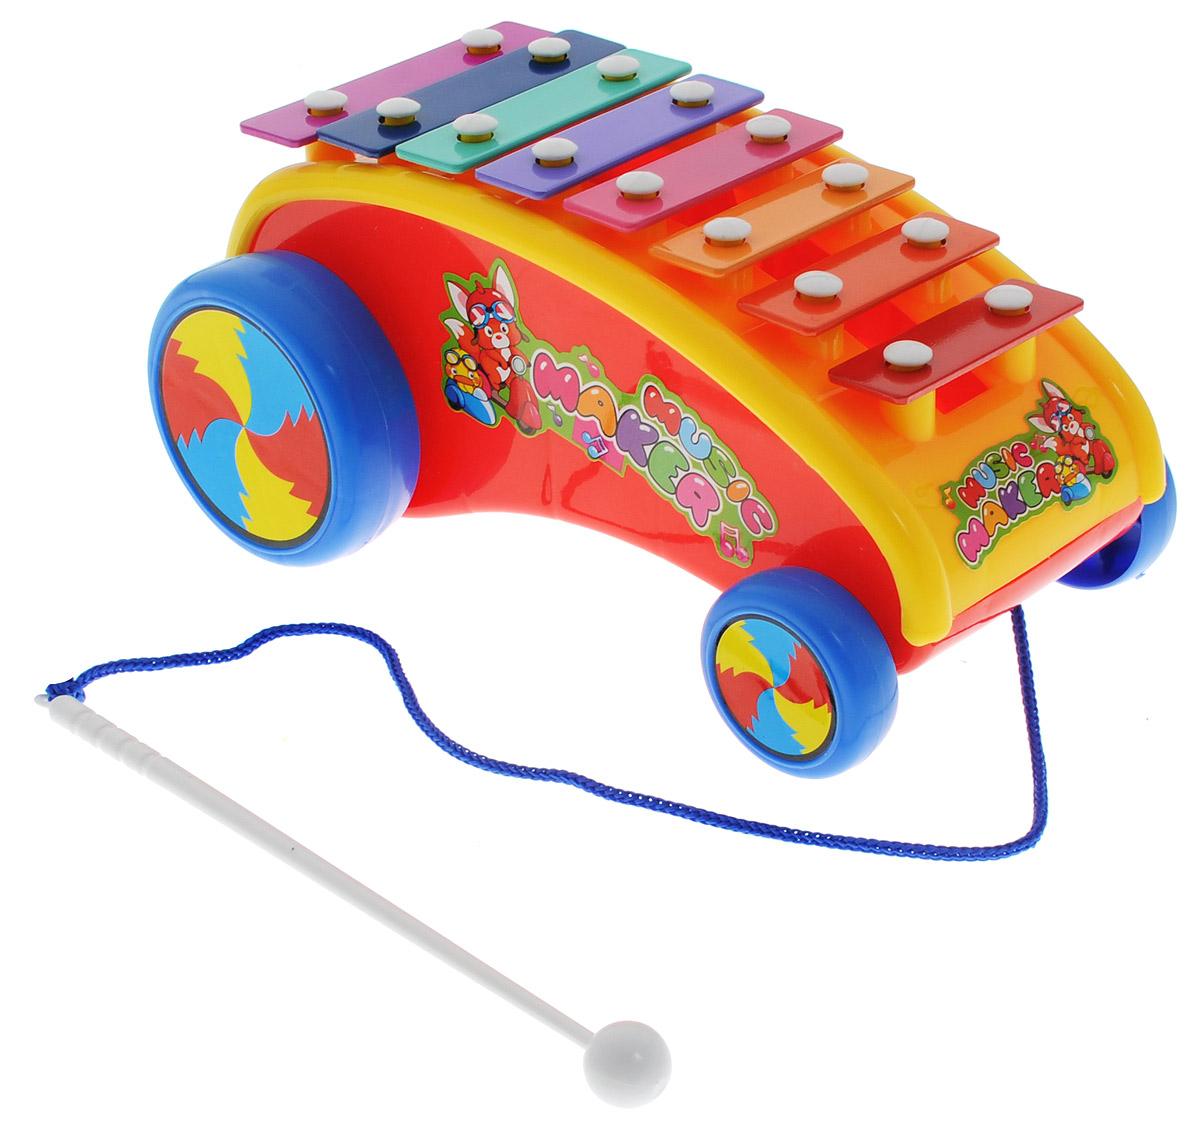 Shantou Ксилофон Машинка цвет красный машинка сортер музыкальная